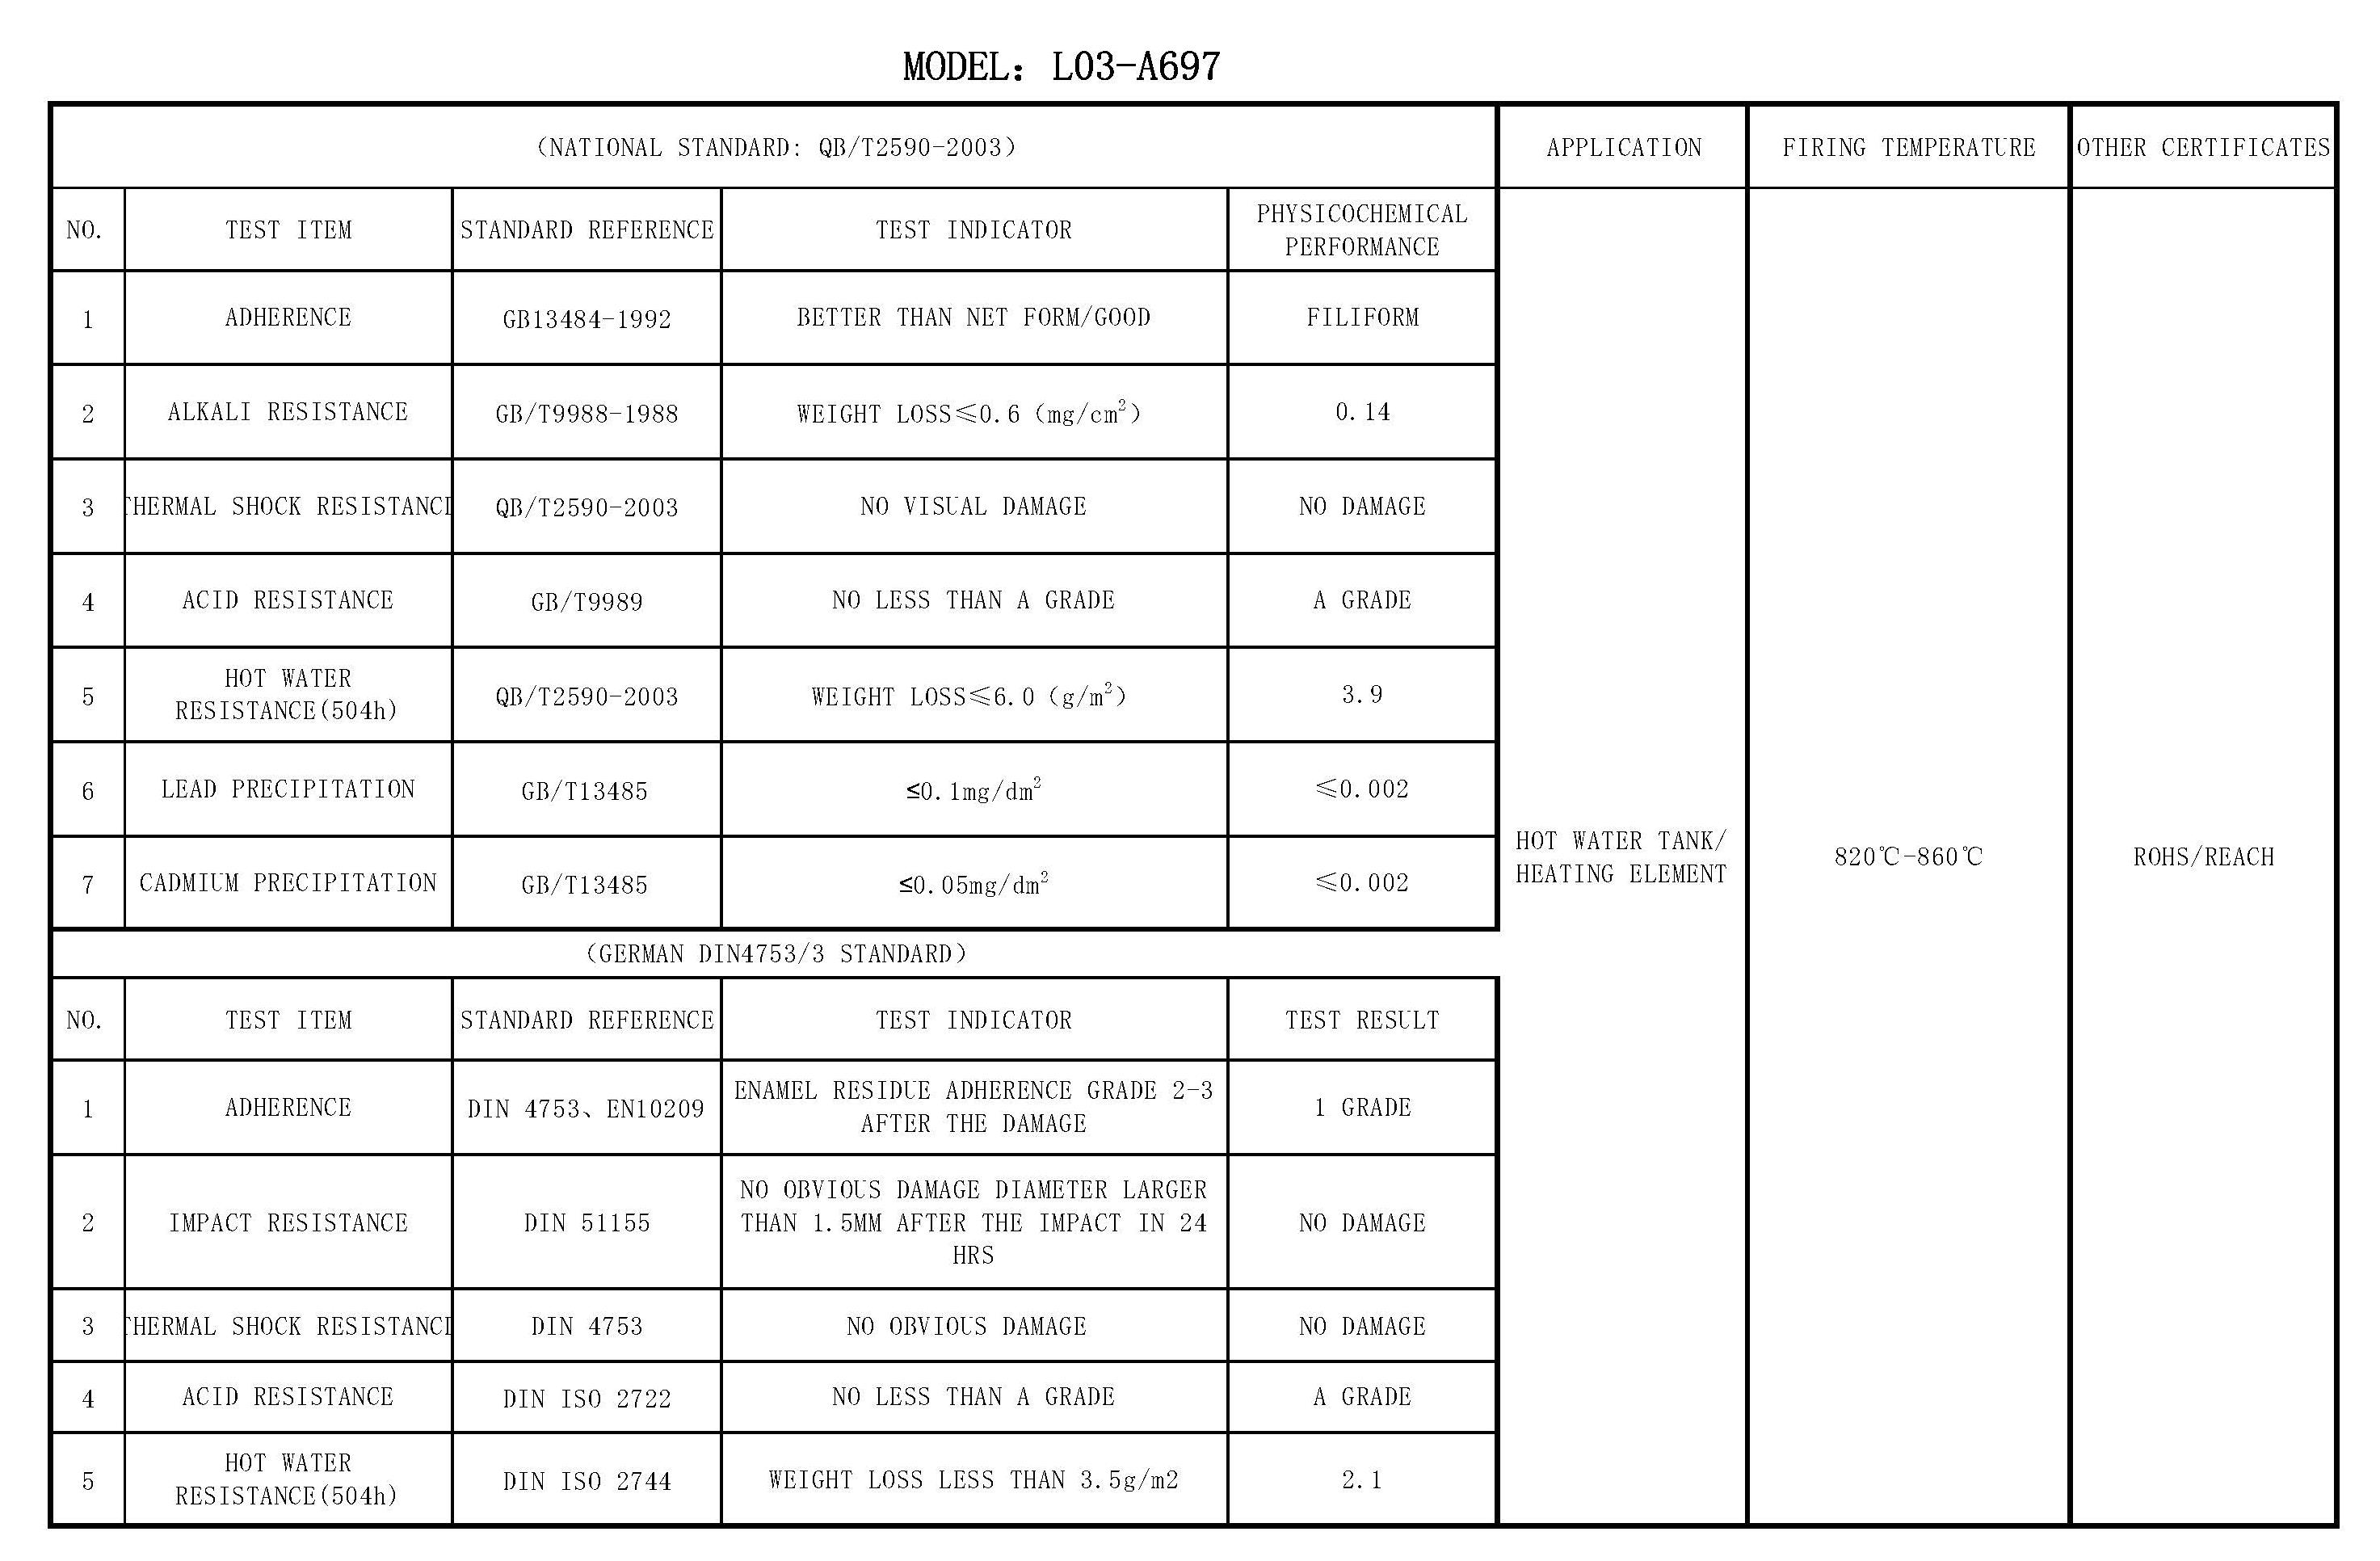 热水器性能资料 (1)